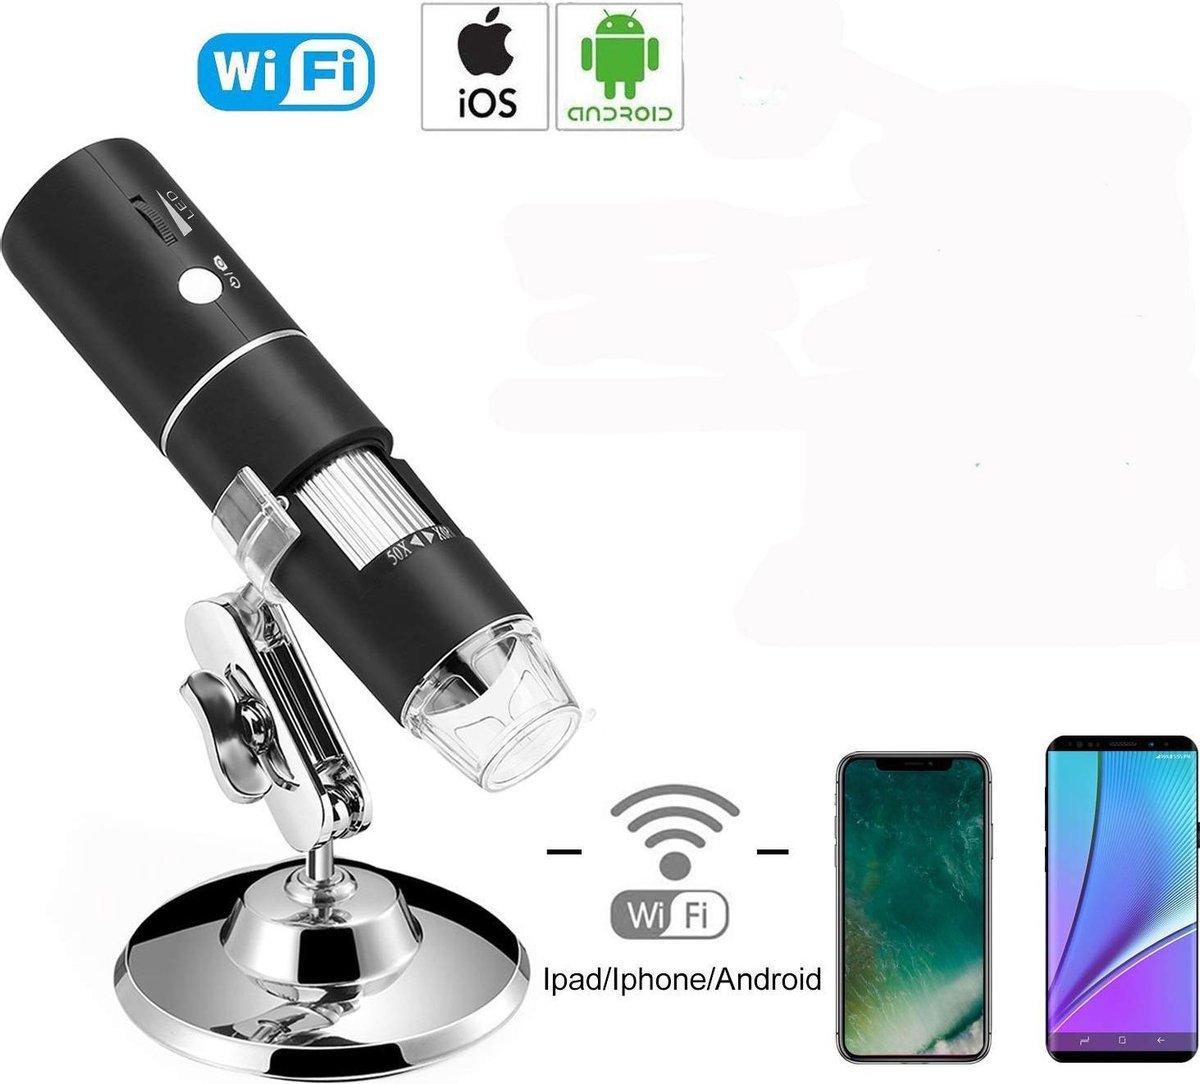 Digitale draadloze wifi Microscoop 50 x 1000 met 8 led lamp voor video opname en foto's IOS en Android